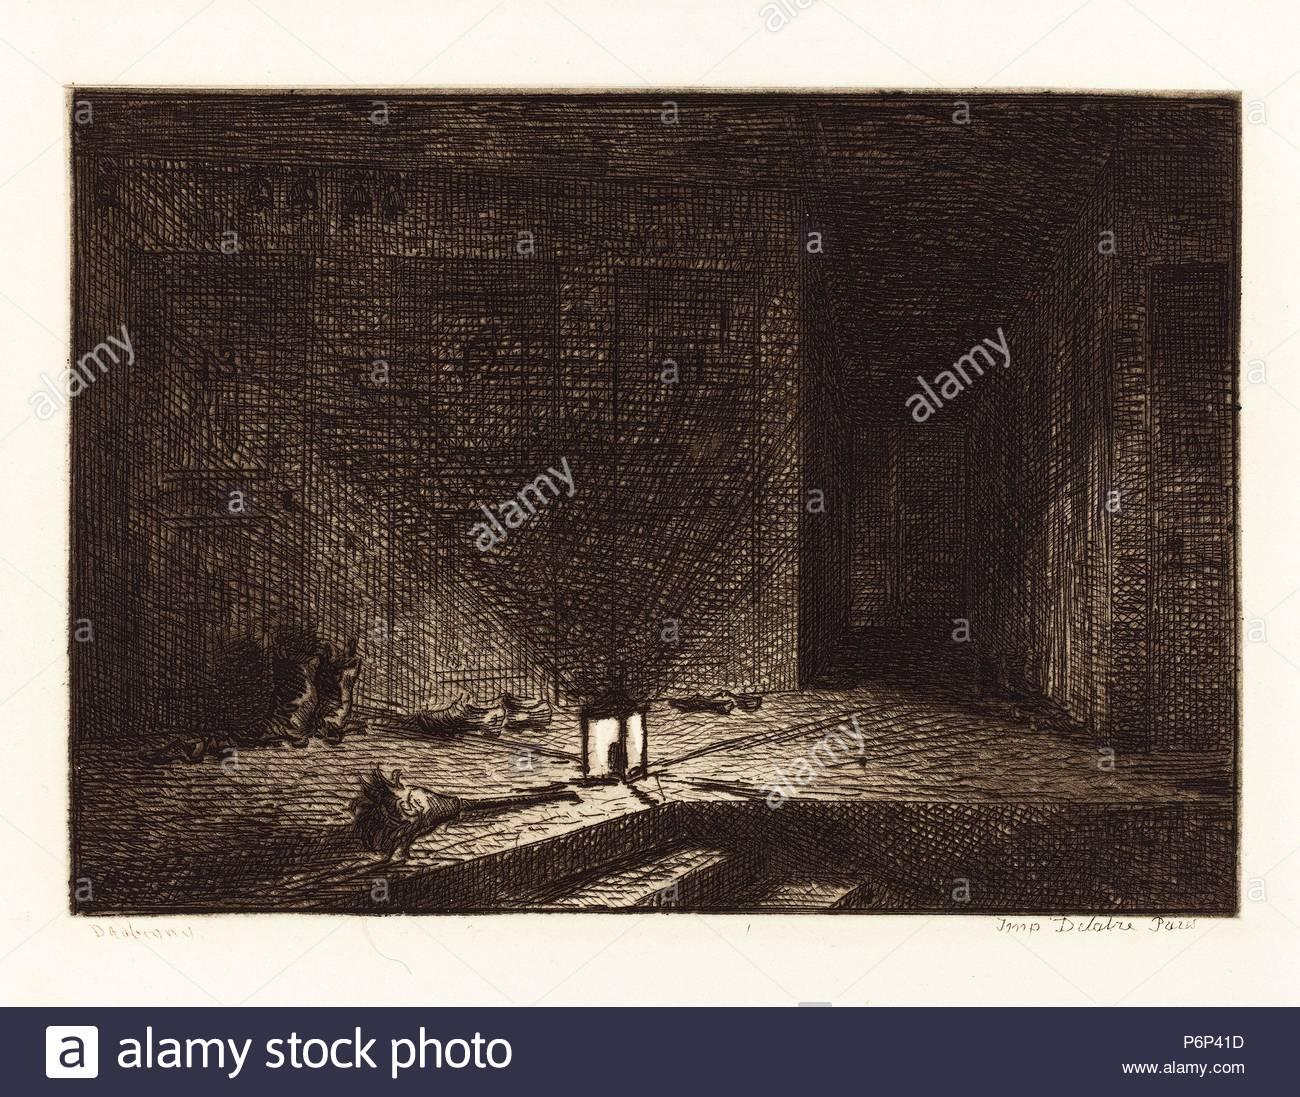 Charles-Fran çois Daubigny (Französisch, 1817-1878), Innenraum eines Inn (Interieur d'une Auberge), 1862, Radierung. Stockbild